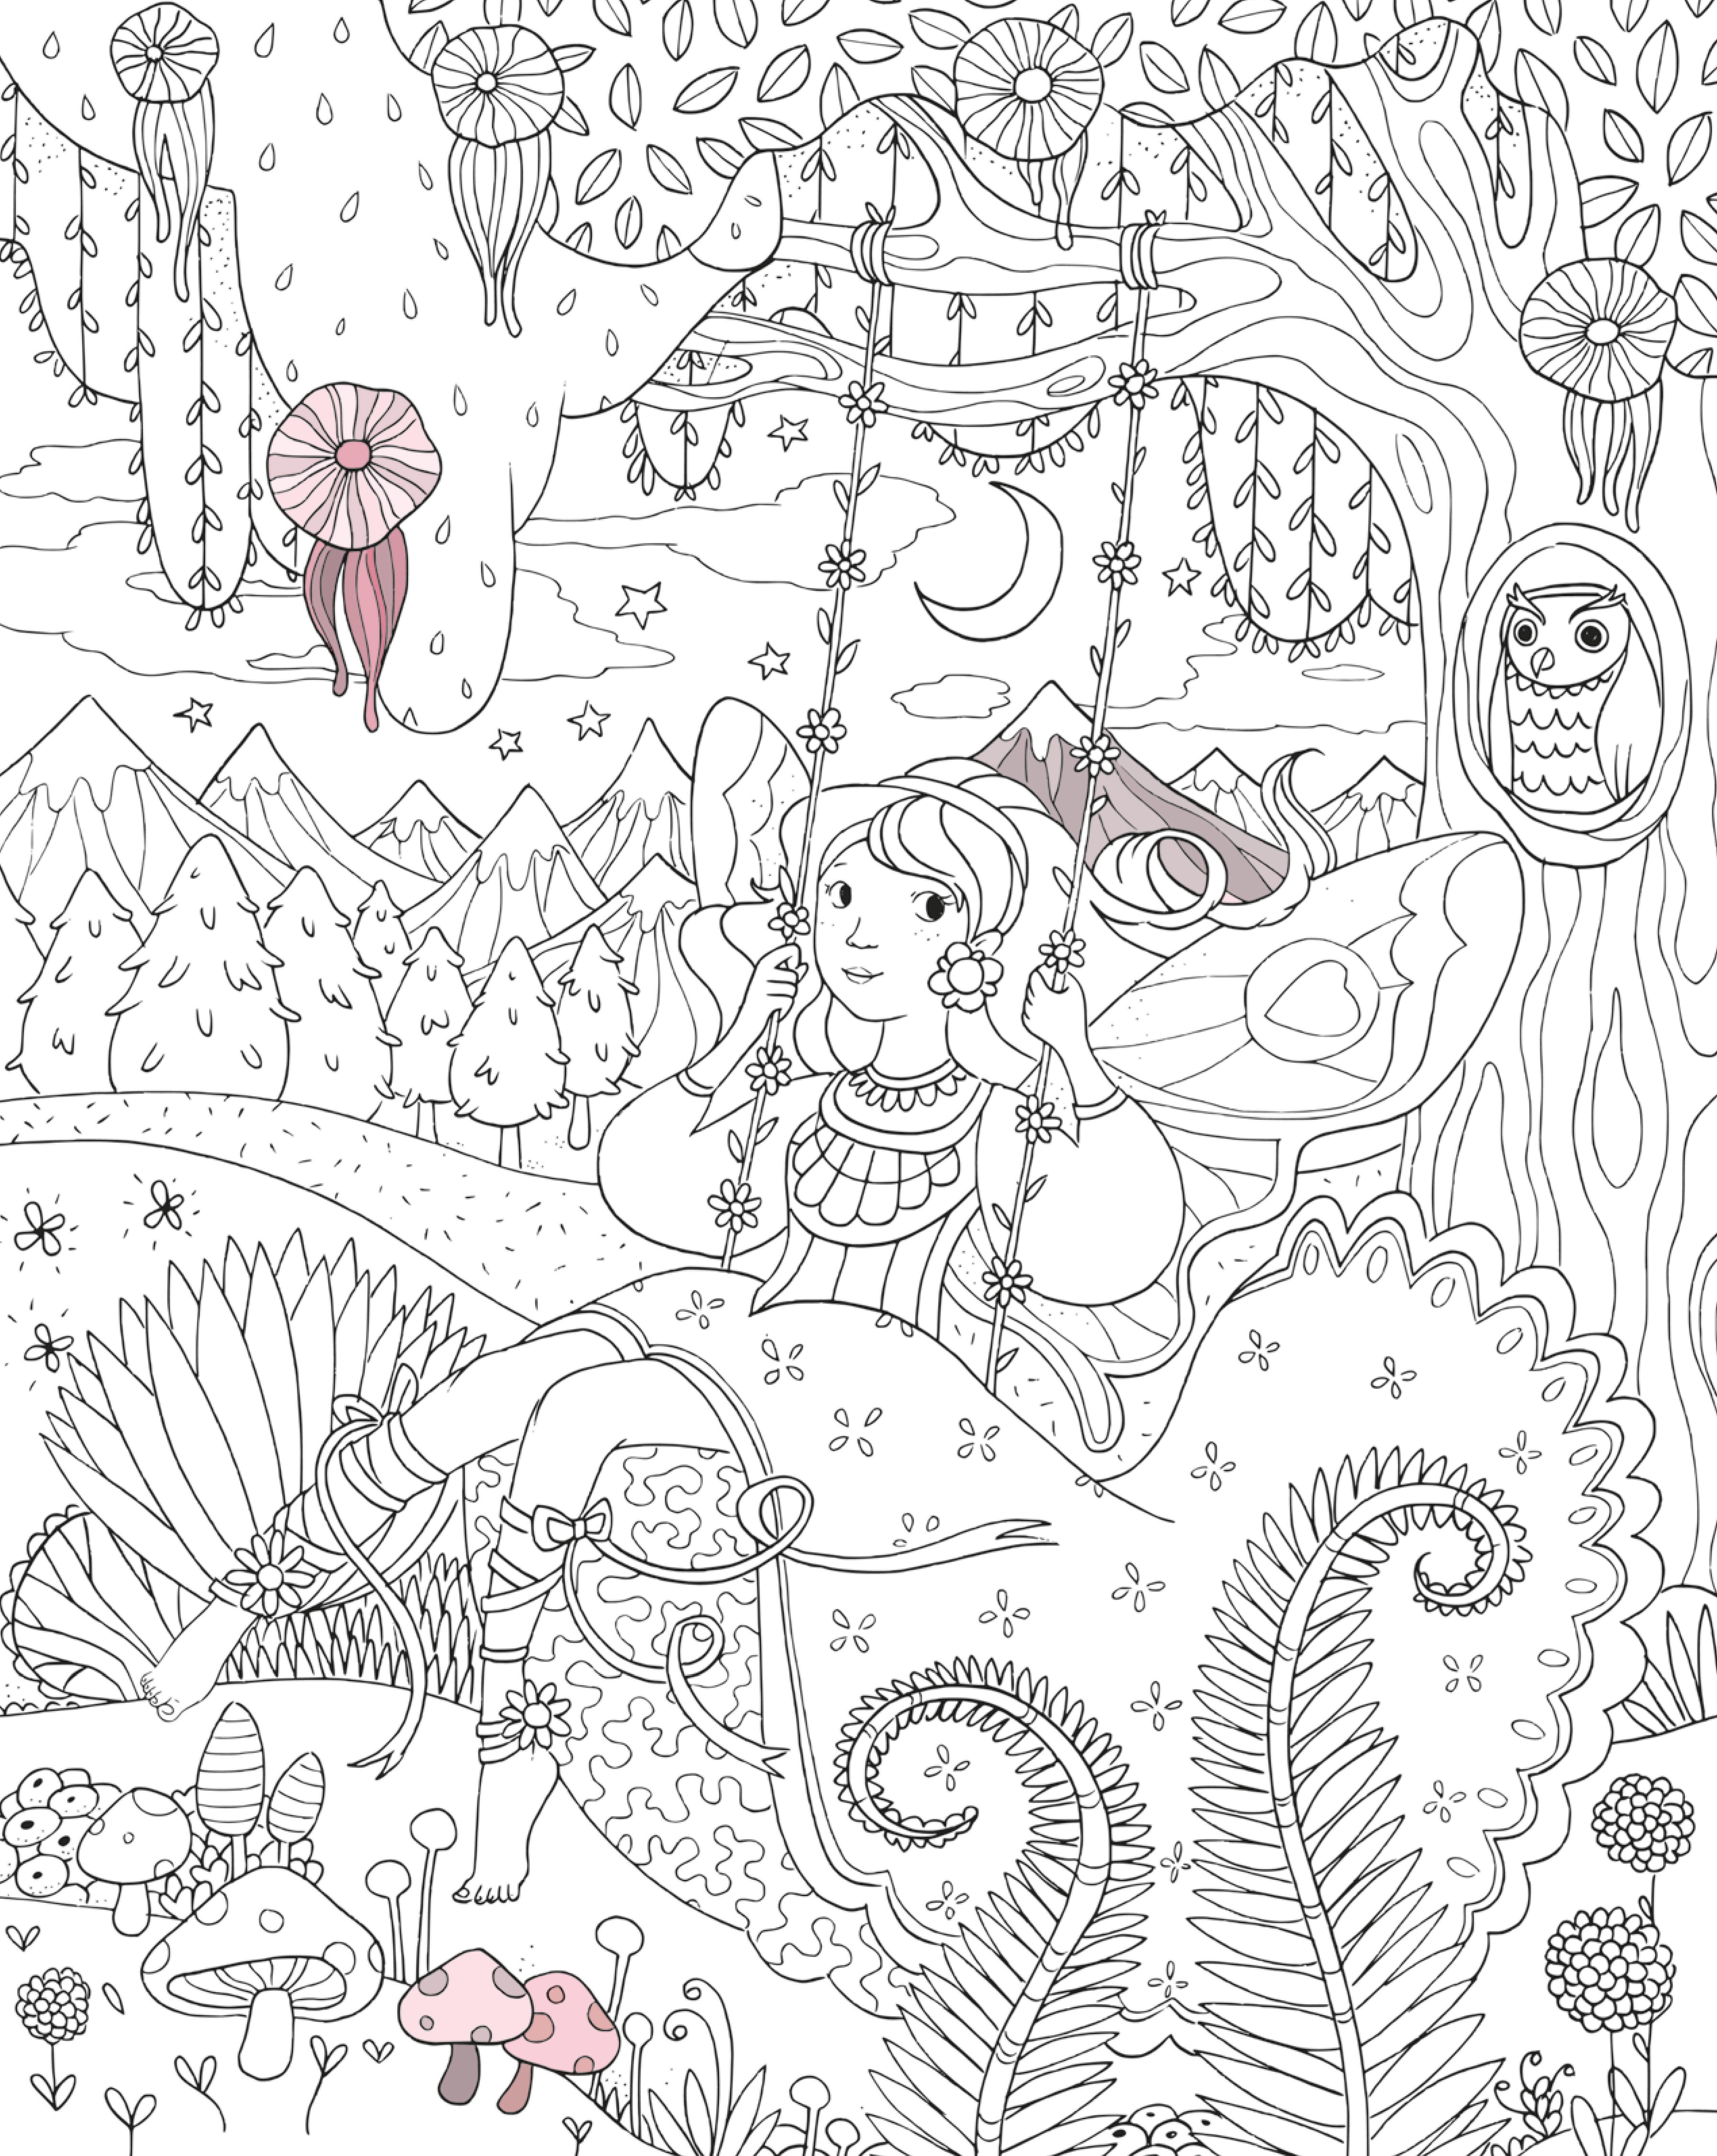 Die verzauberte Reise: Ein magisches Malbuch: Amazon.de: Isabelle ...